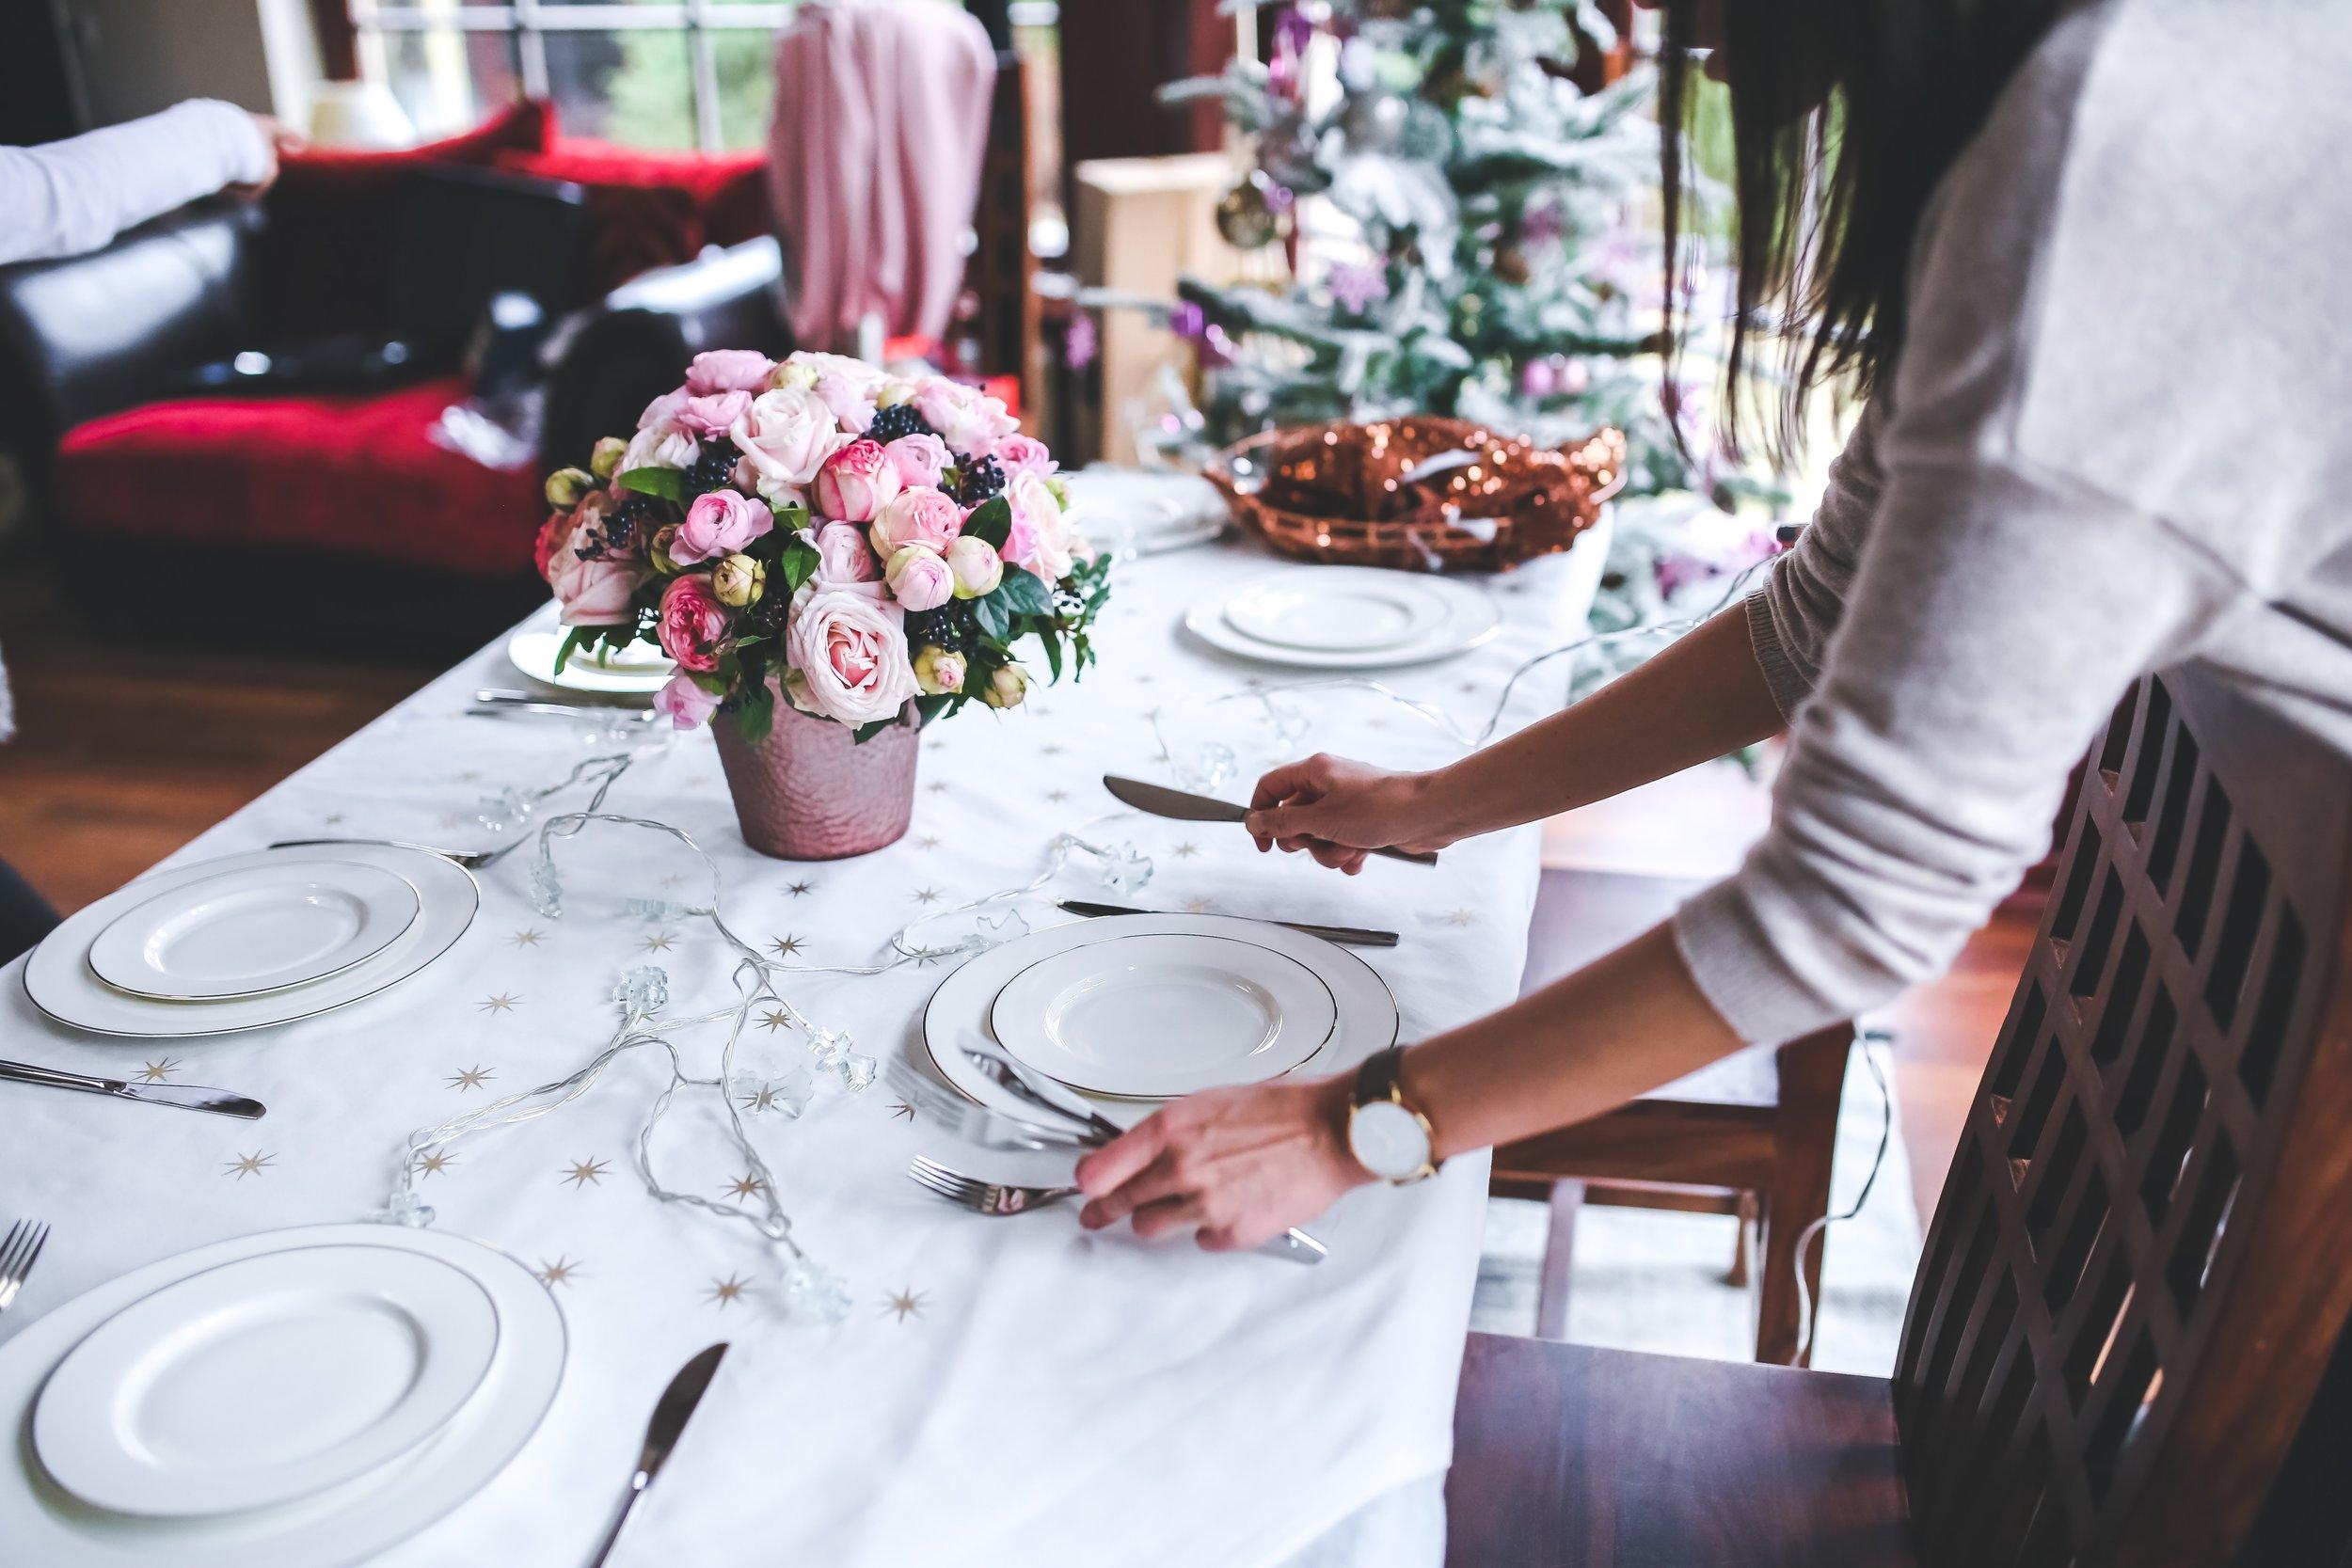 Photograph via Pexels.com